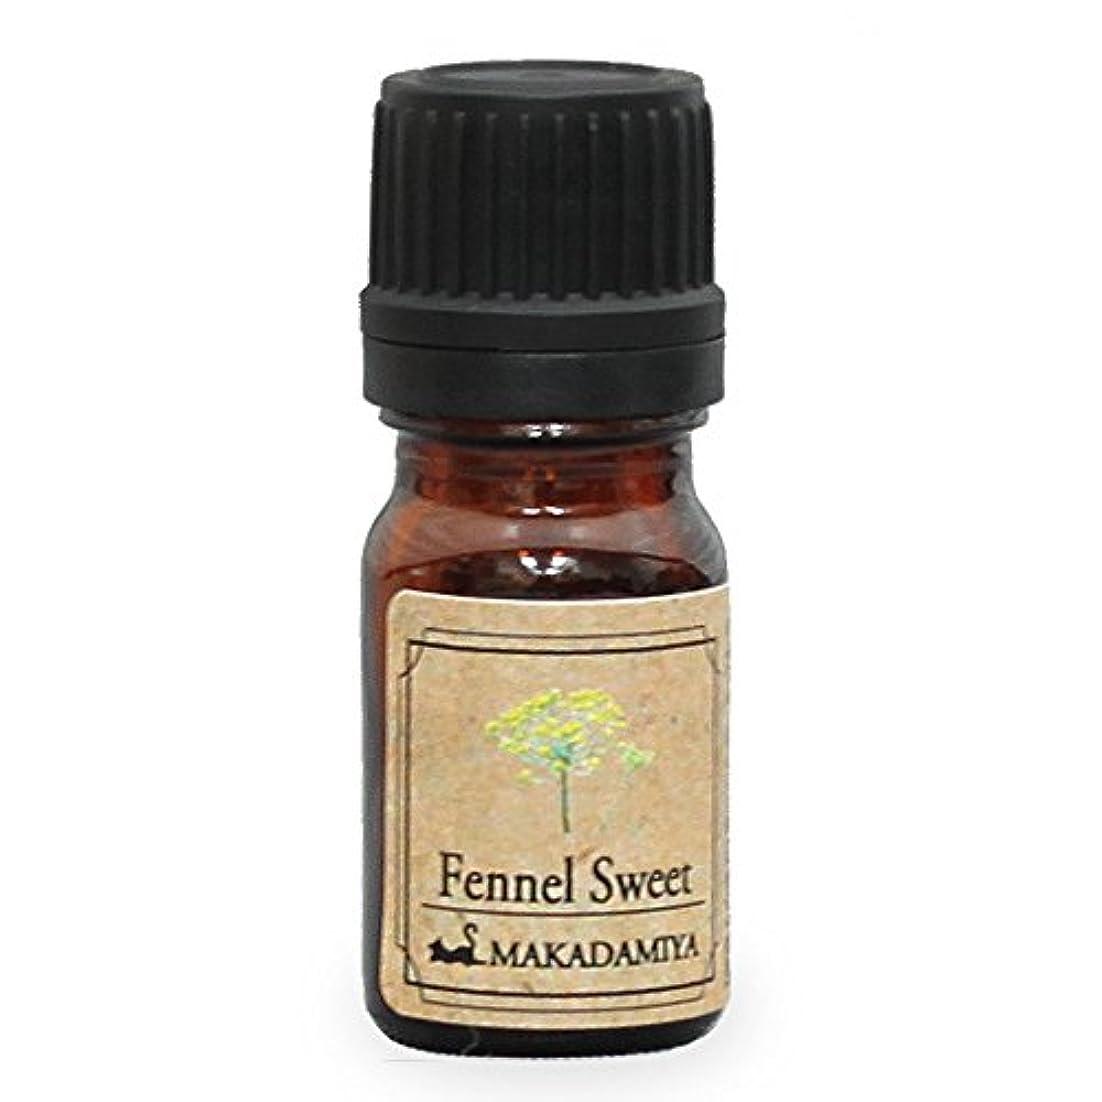 裏切り事務所山フェンネルスウィート5ml天然100%植物性エッセンシャルオイル(精油)アロマオイルアロママッサージアロマテラピーaroma Fennel Sweet